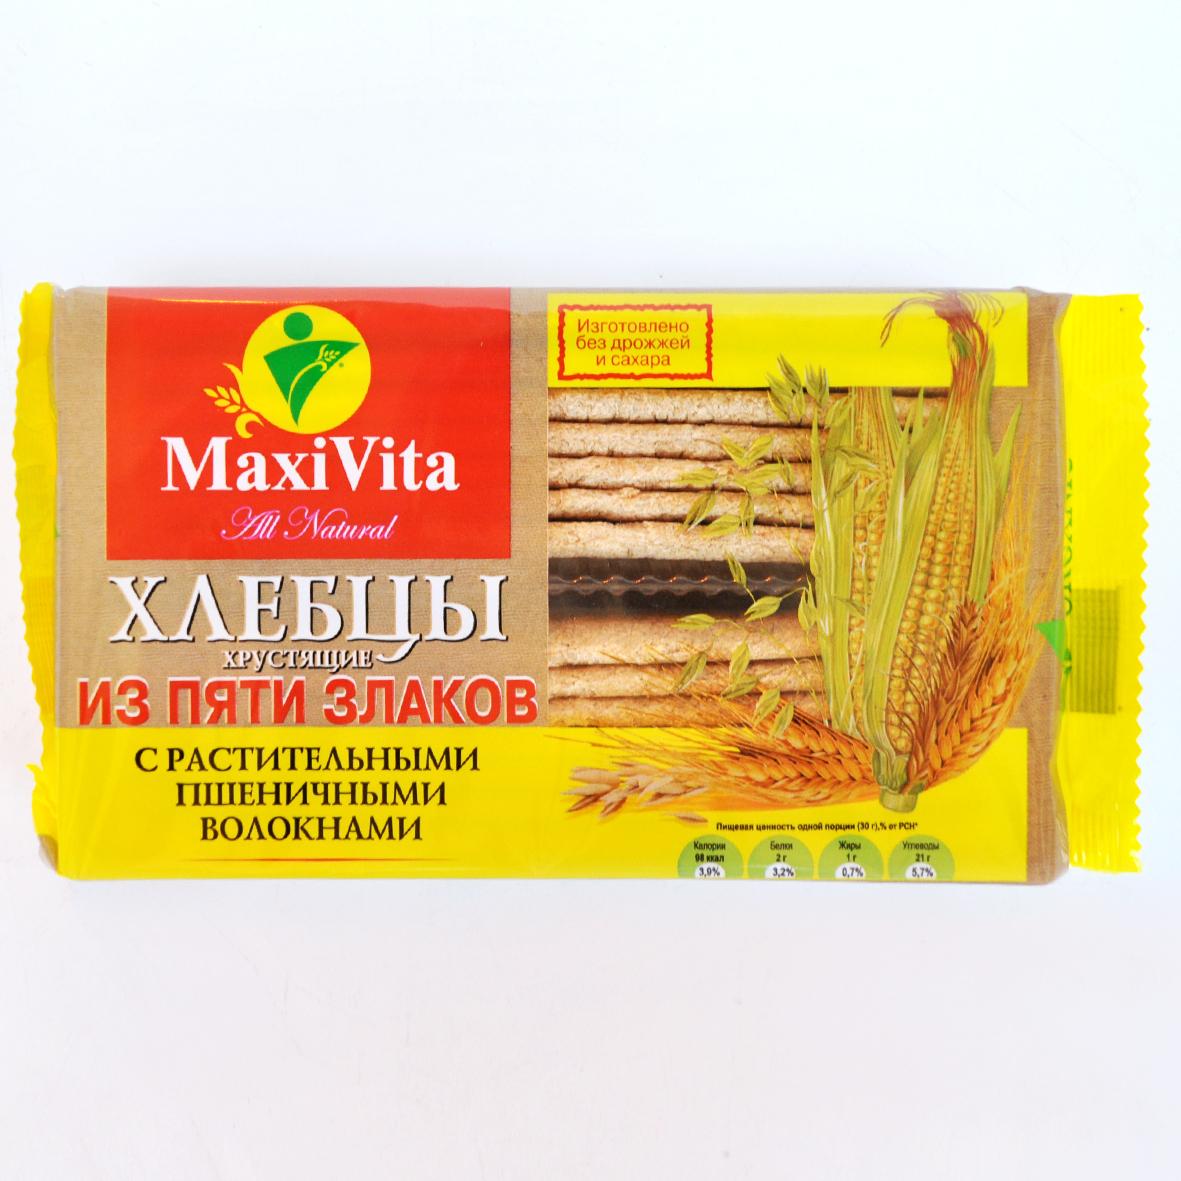 Хлебцы 5 злаков с растительными волокнами 150 гр